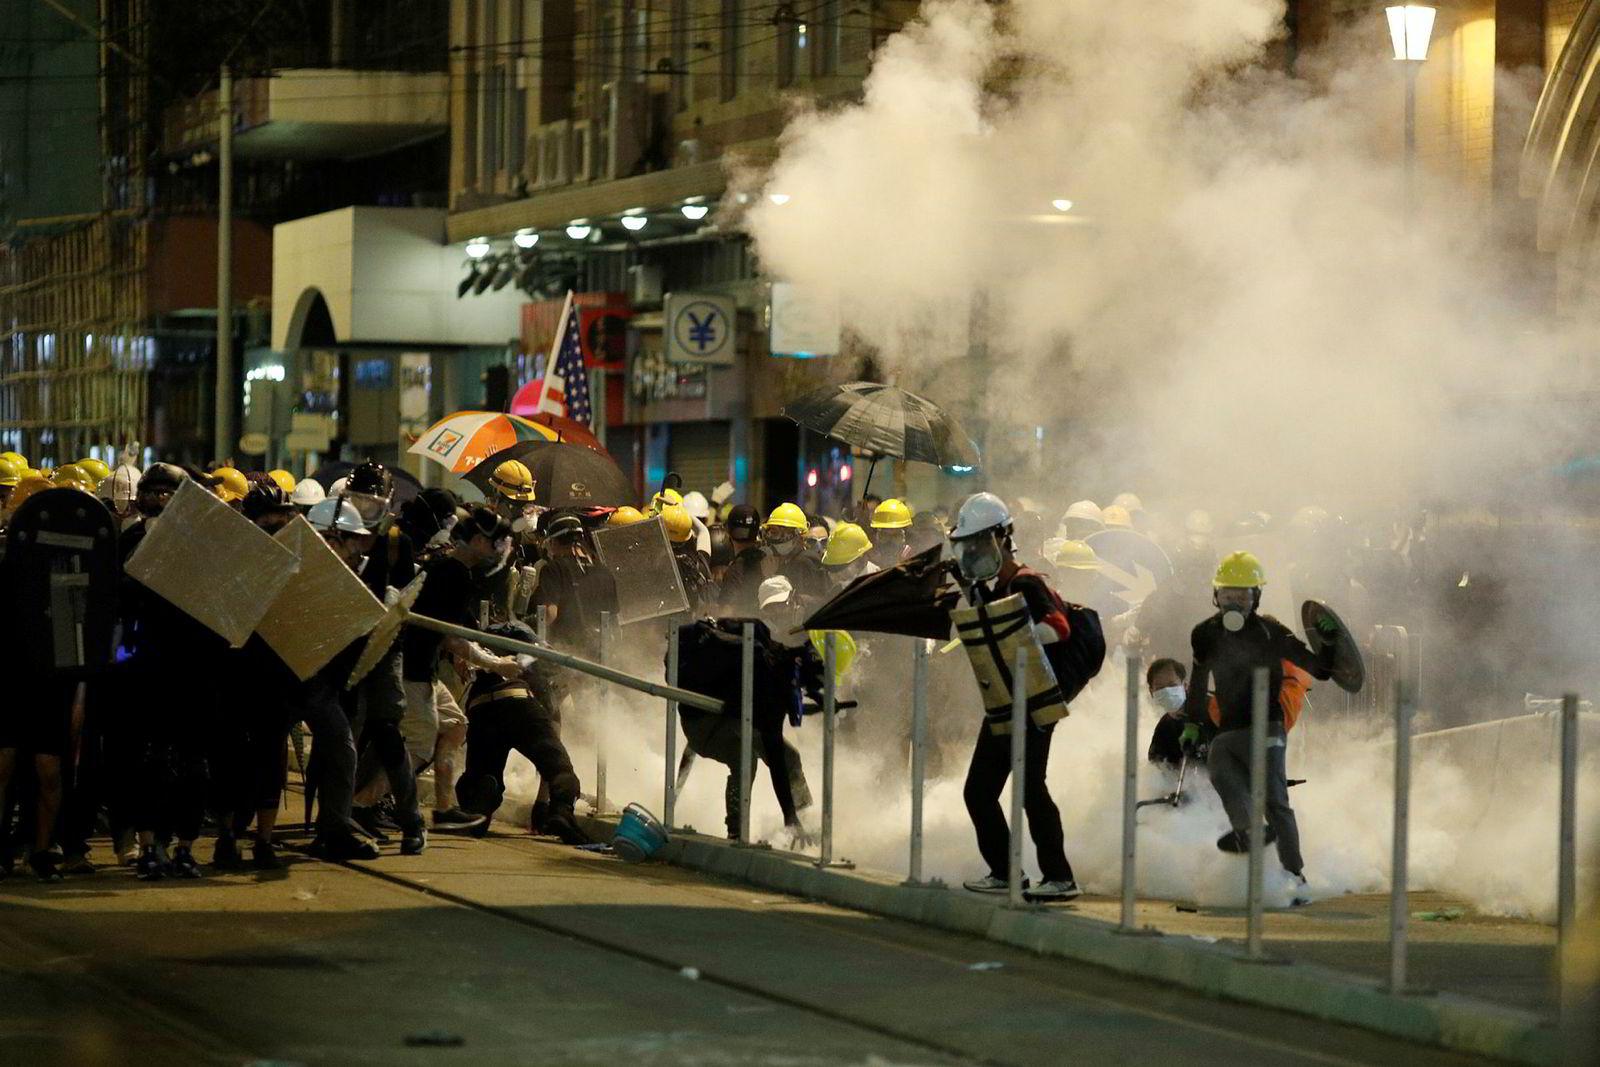 Gjennom sommeren har det vært voldsomme protester i Hongkong mot myndighetenes forslag om å åpne for å utlevere innbyggere til kinesiske myndigheter. Lørdag 21. juli ble demonstranter møtt med tåregass.